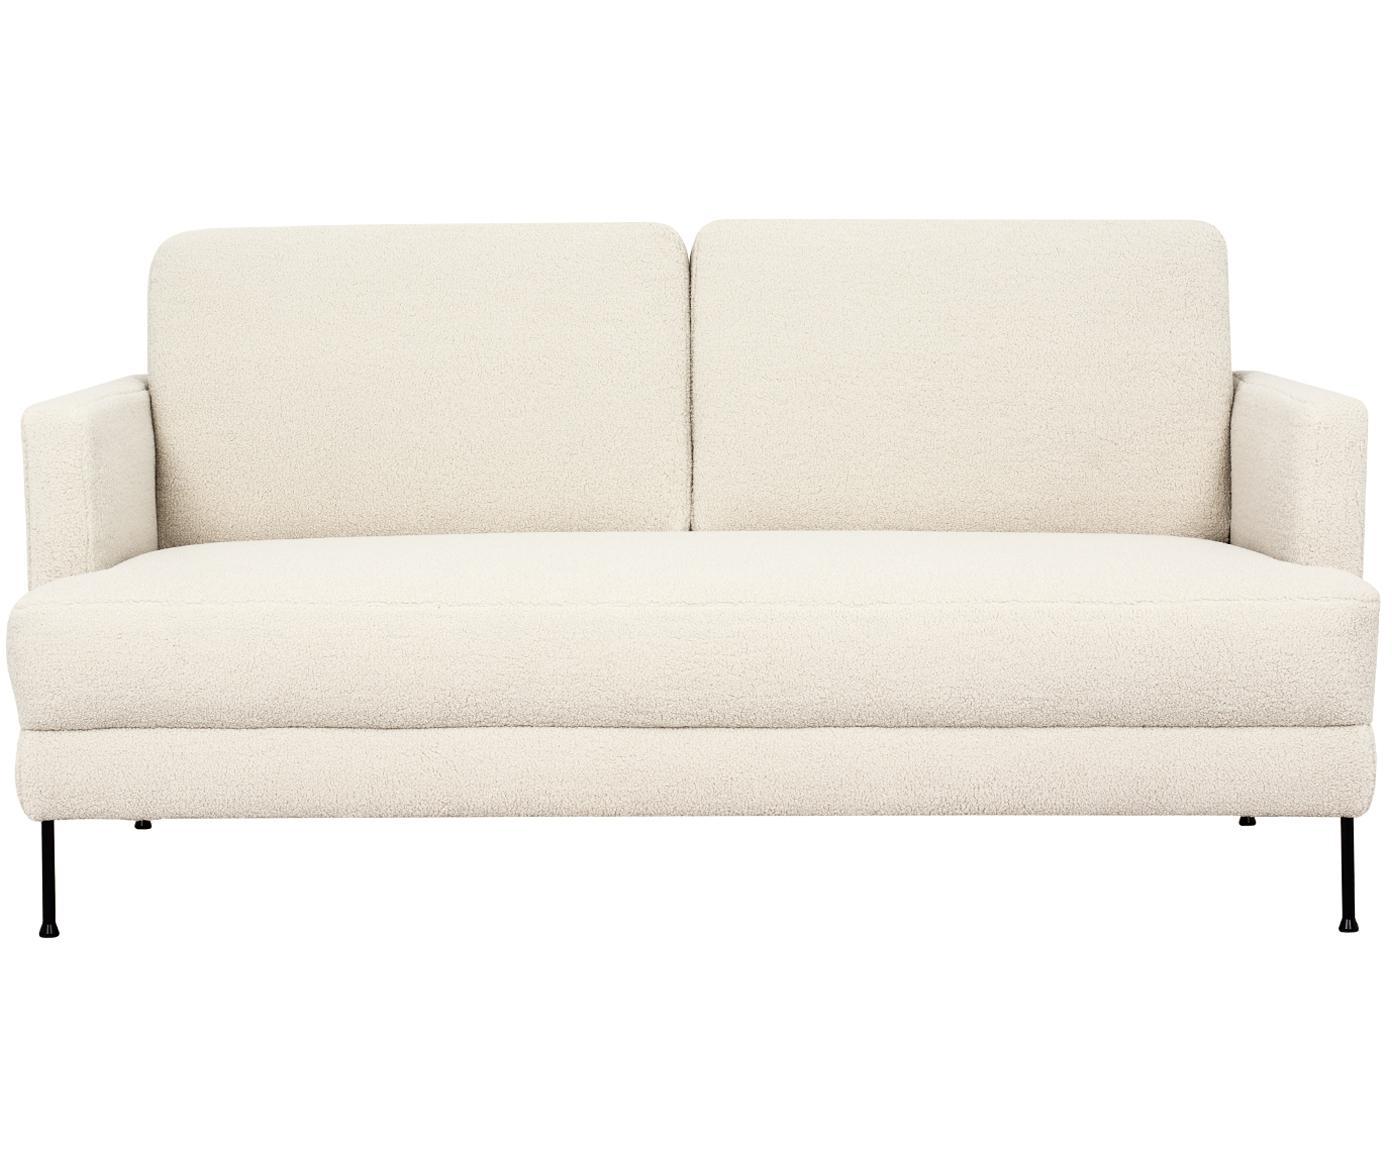 Sofa Teddy Fluente (2-osobowa), Tapicerka: poliester (futro Teddy) 4, Stelaż: lite drewno sosnowe, Nogi: metal lakierowany, Kremowobiały teddy, S 168 x G 83 cm